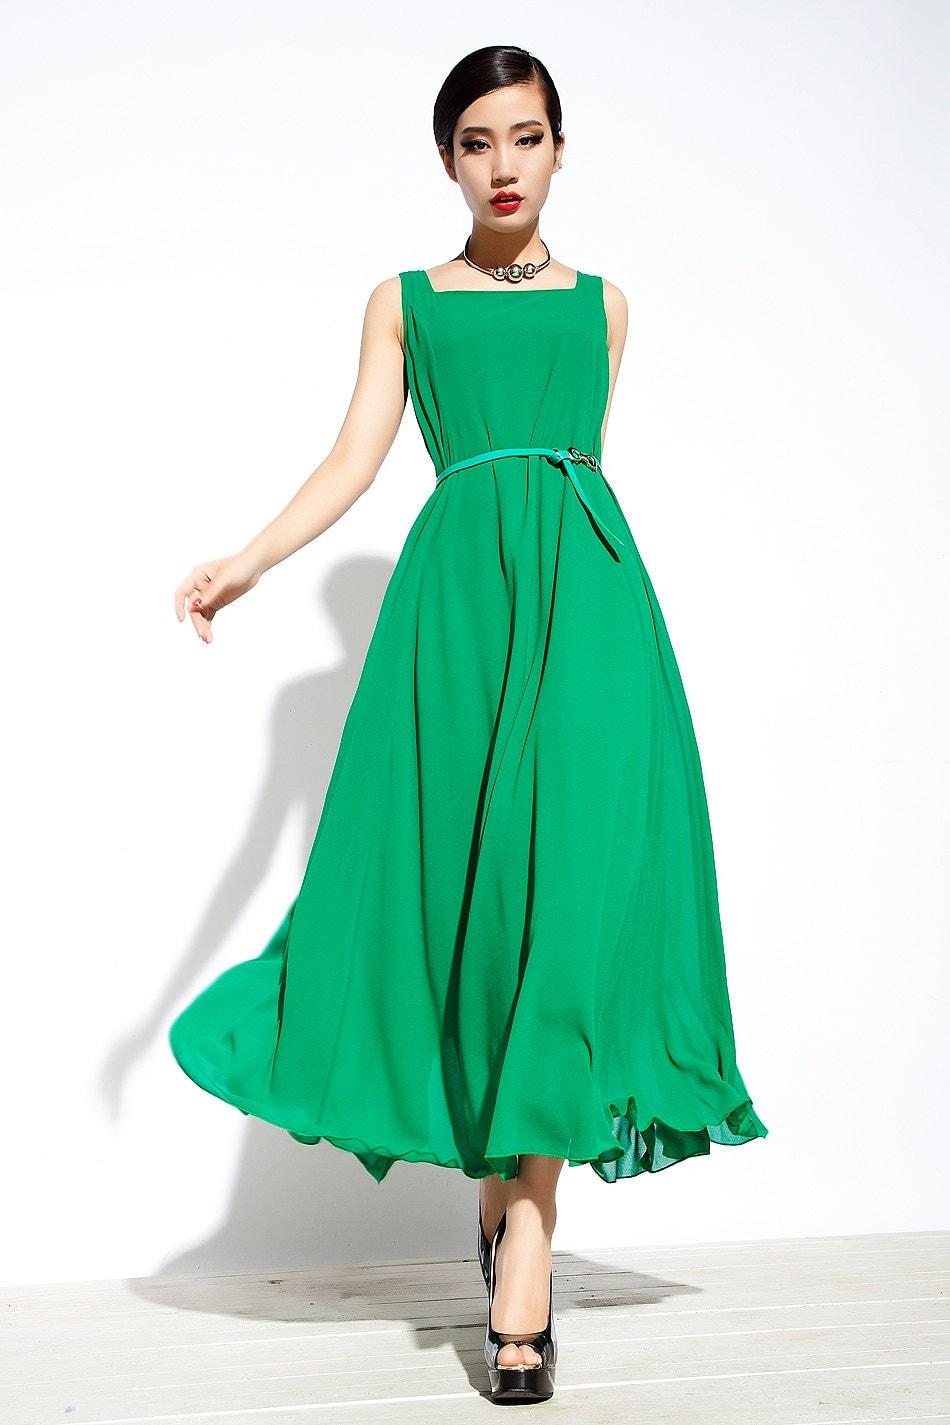 Maxi Dress Unique Sundress in Green Summer Long Dress - YL1dress